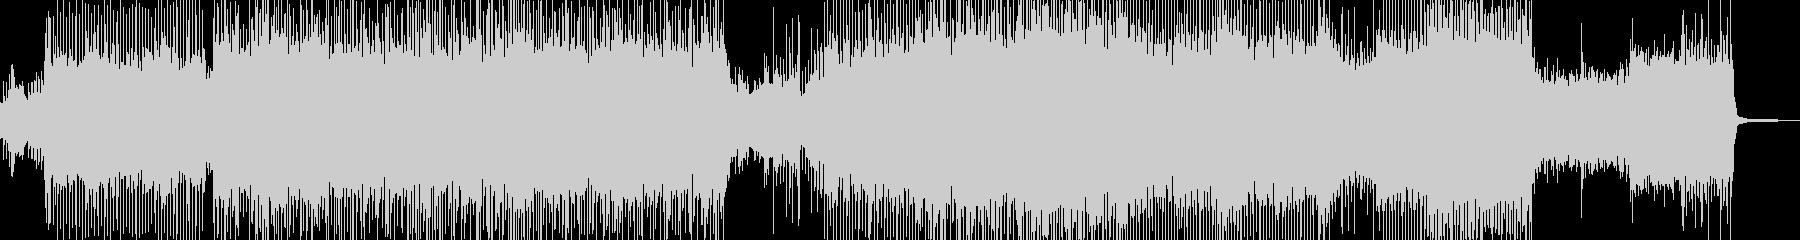 メルヘン・ファンタジックなロック Lの未再生の波形